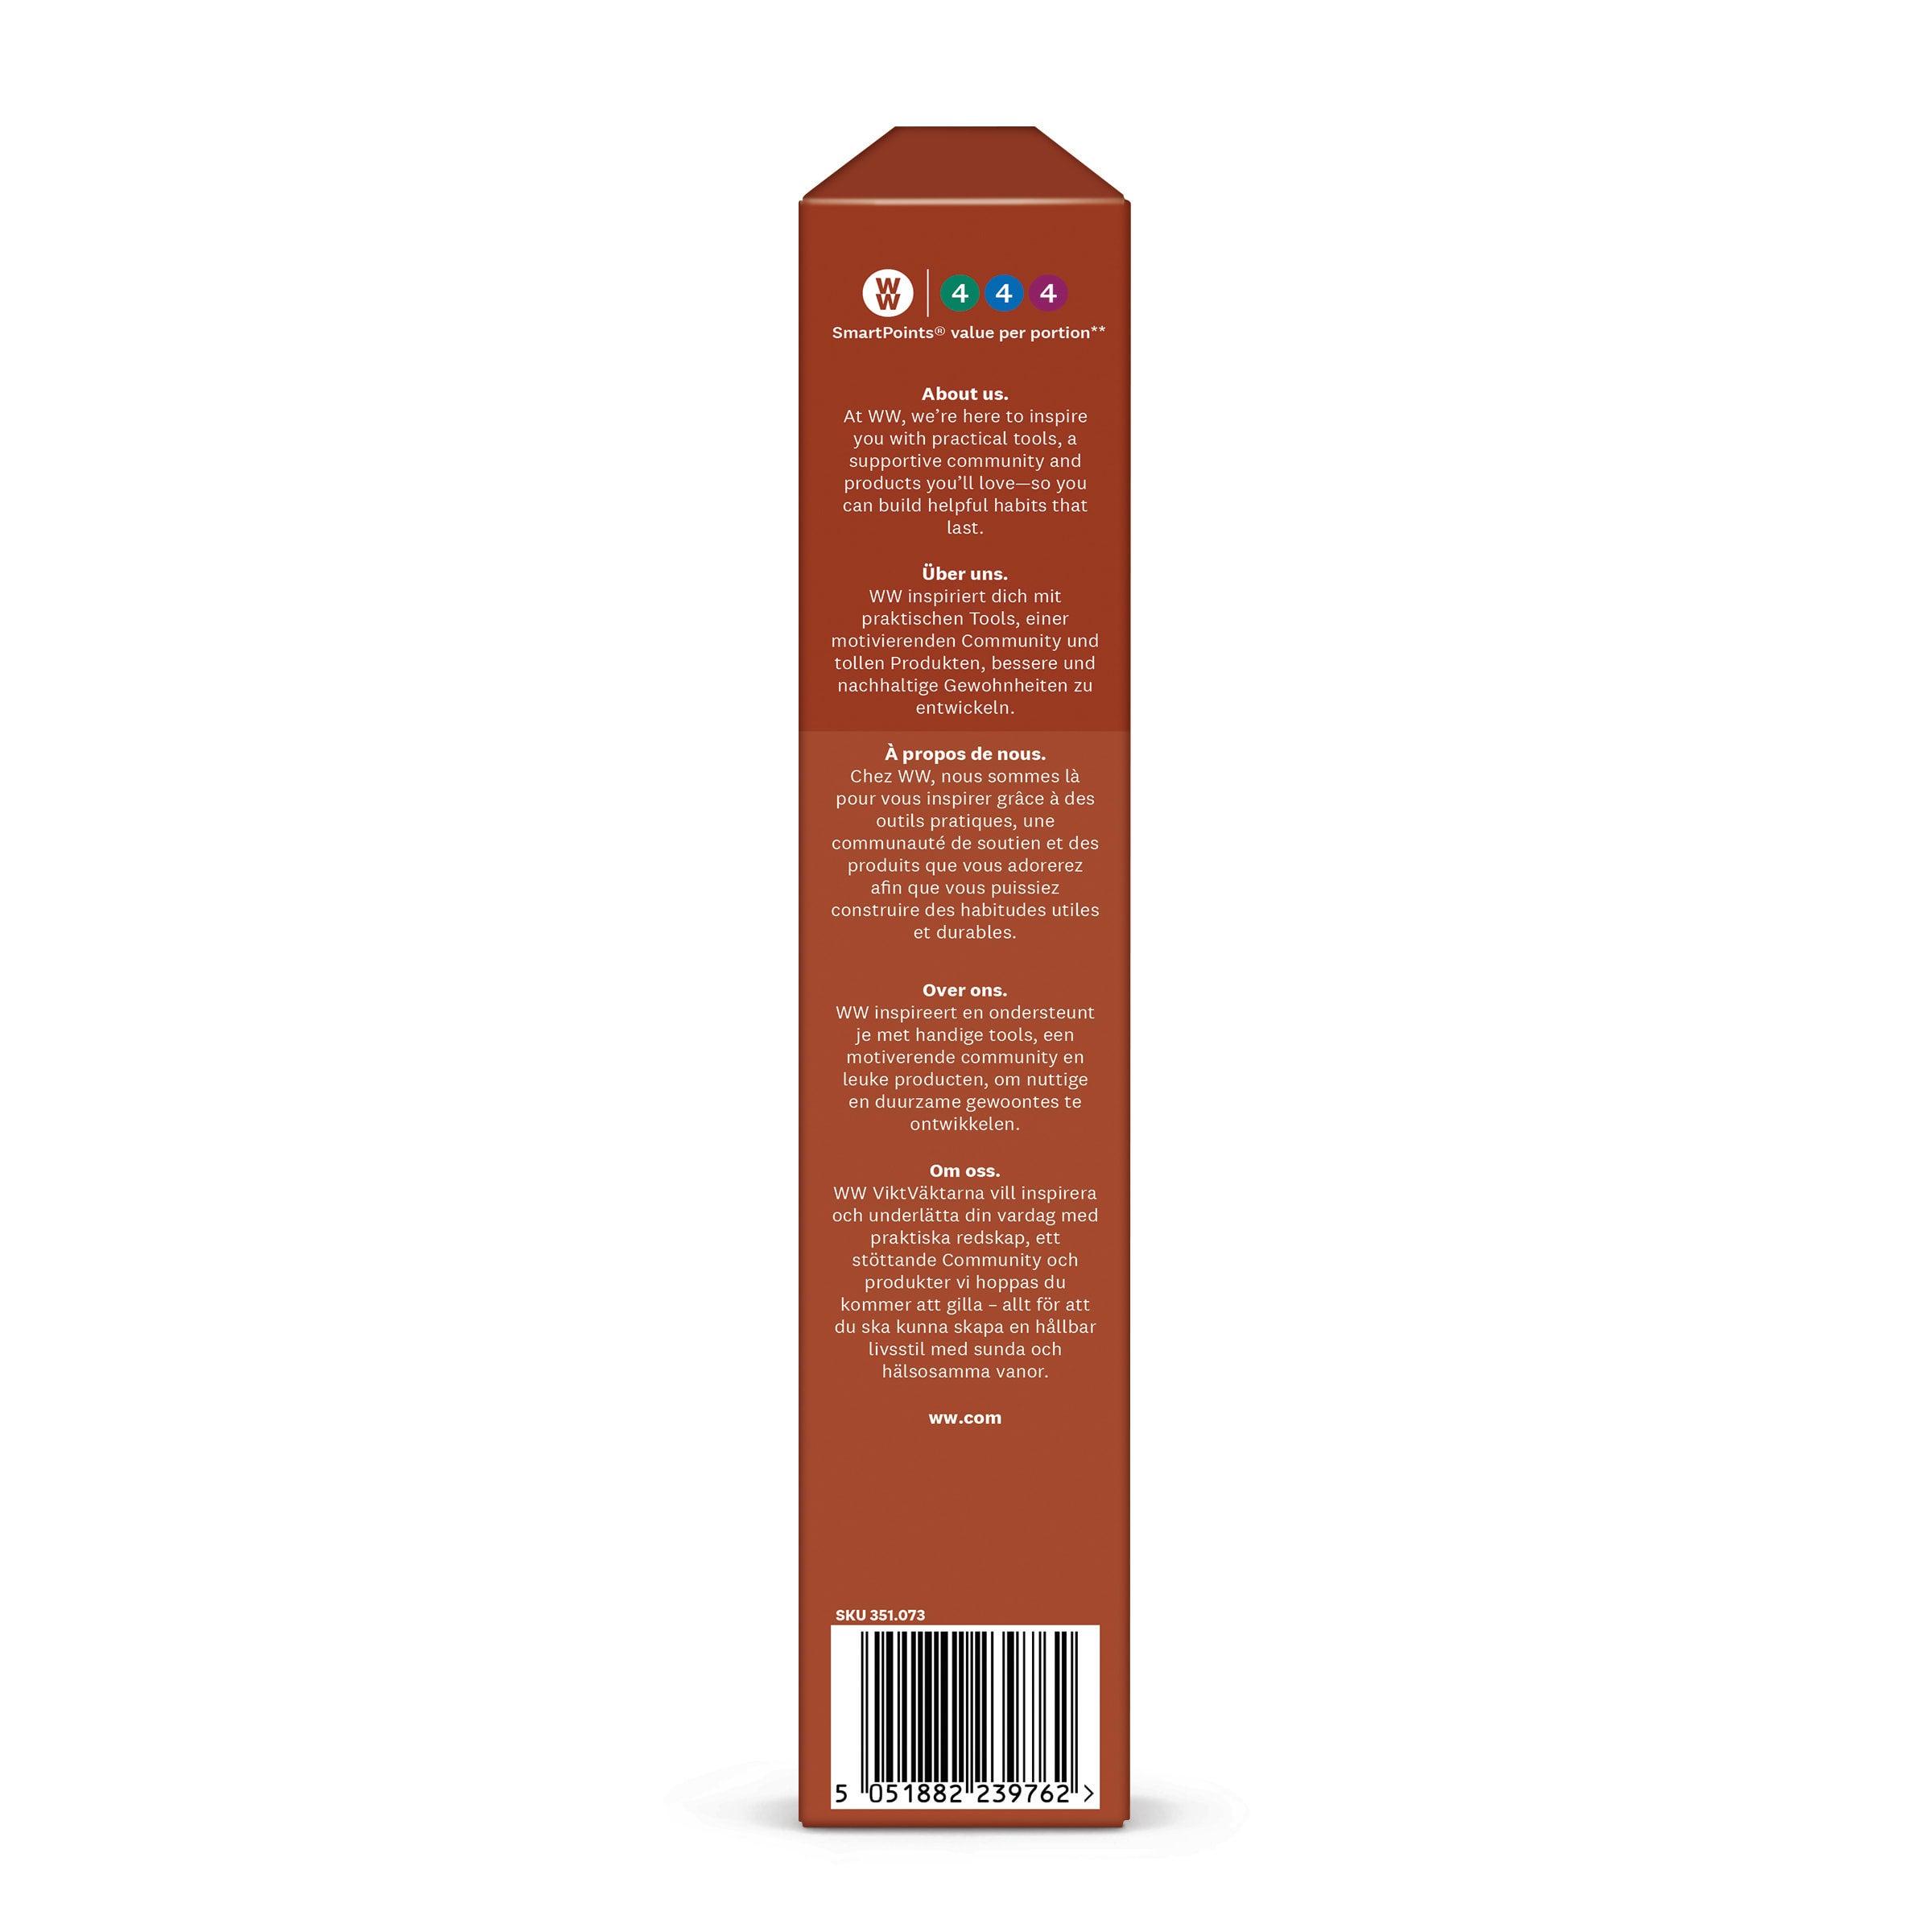 WW Knusper-Dinkel-Müsli mit Schokolade Verpackung seitlich Smartpoins-Angabe